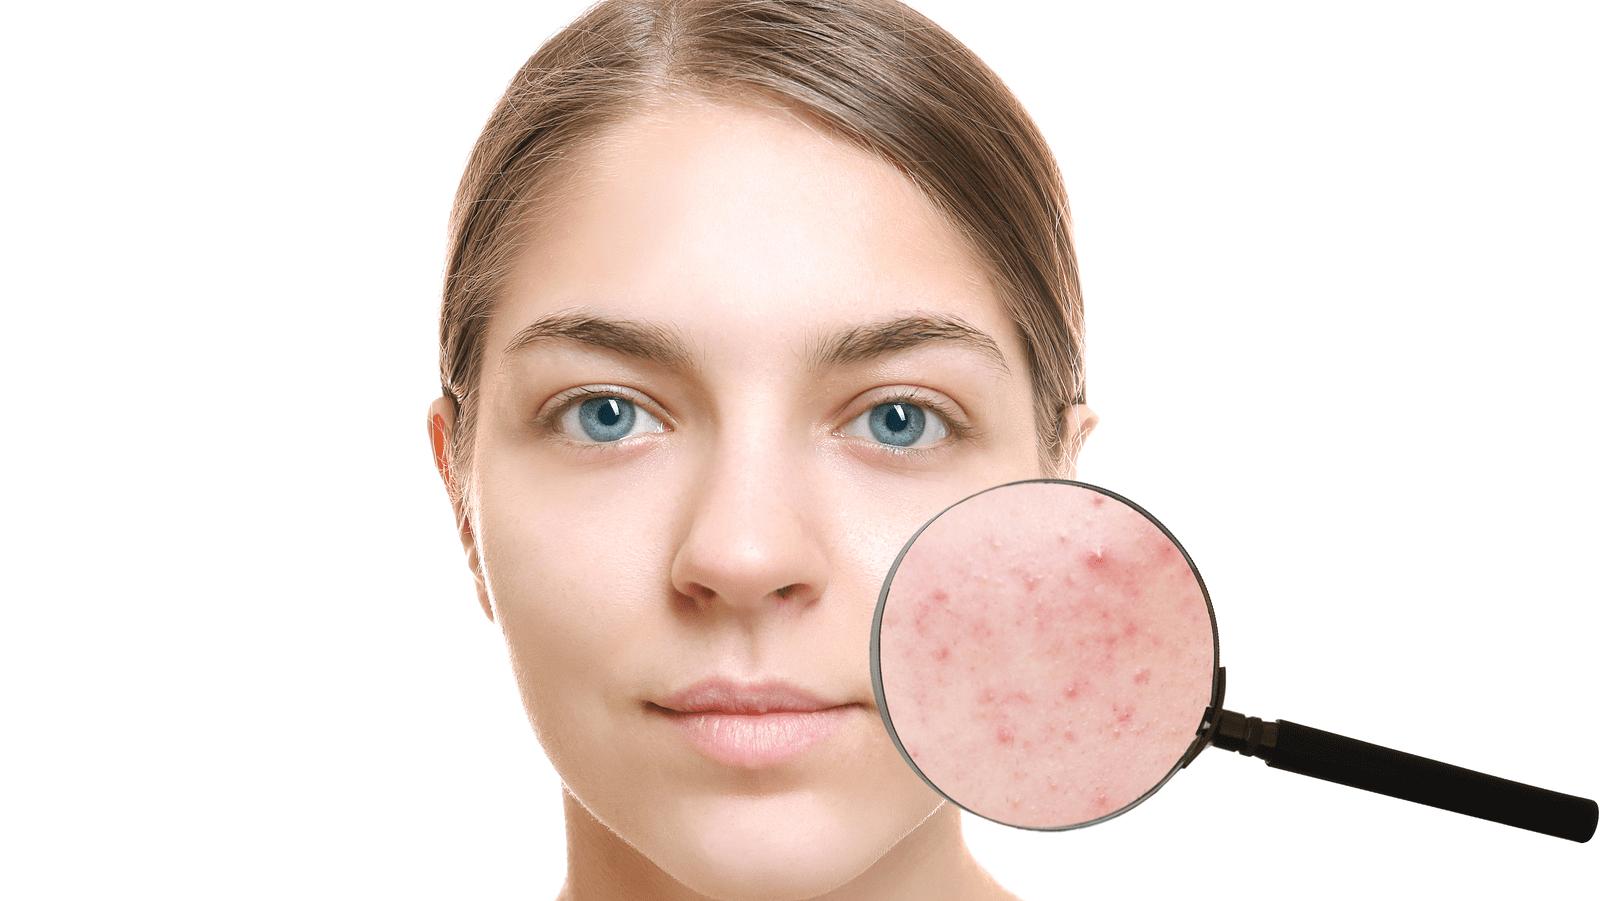 traitement de la acne avec le laser EVRL